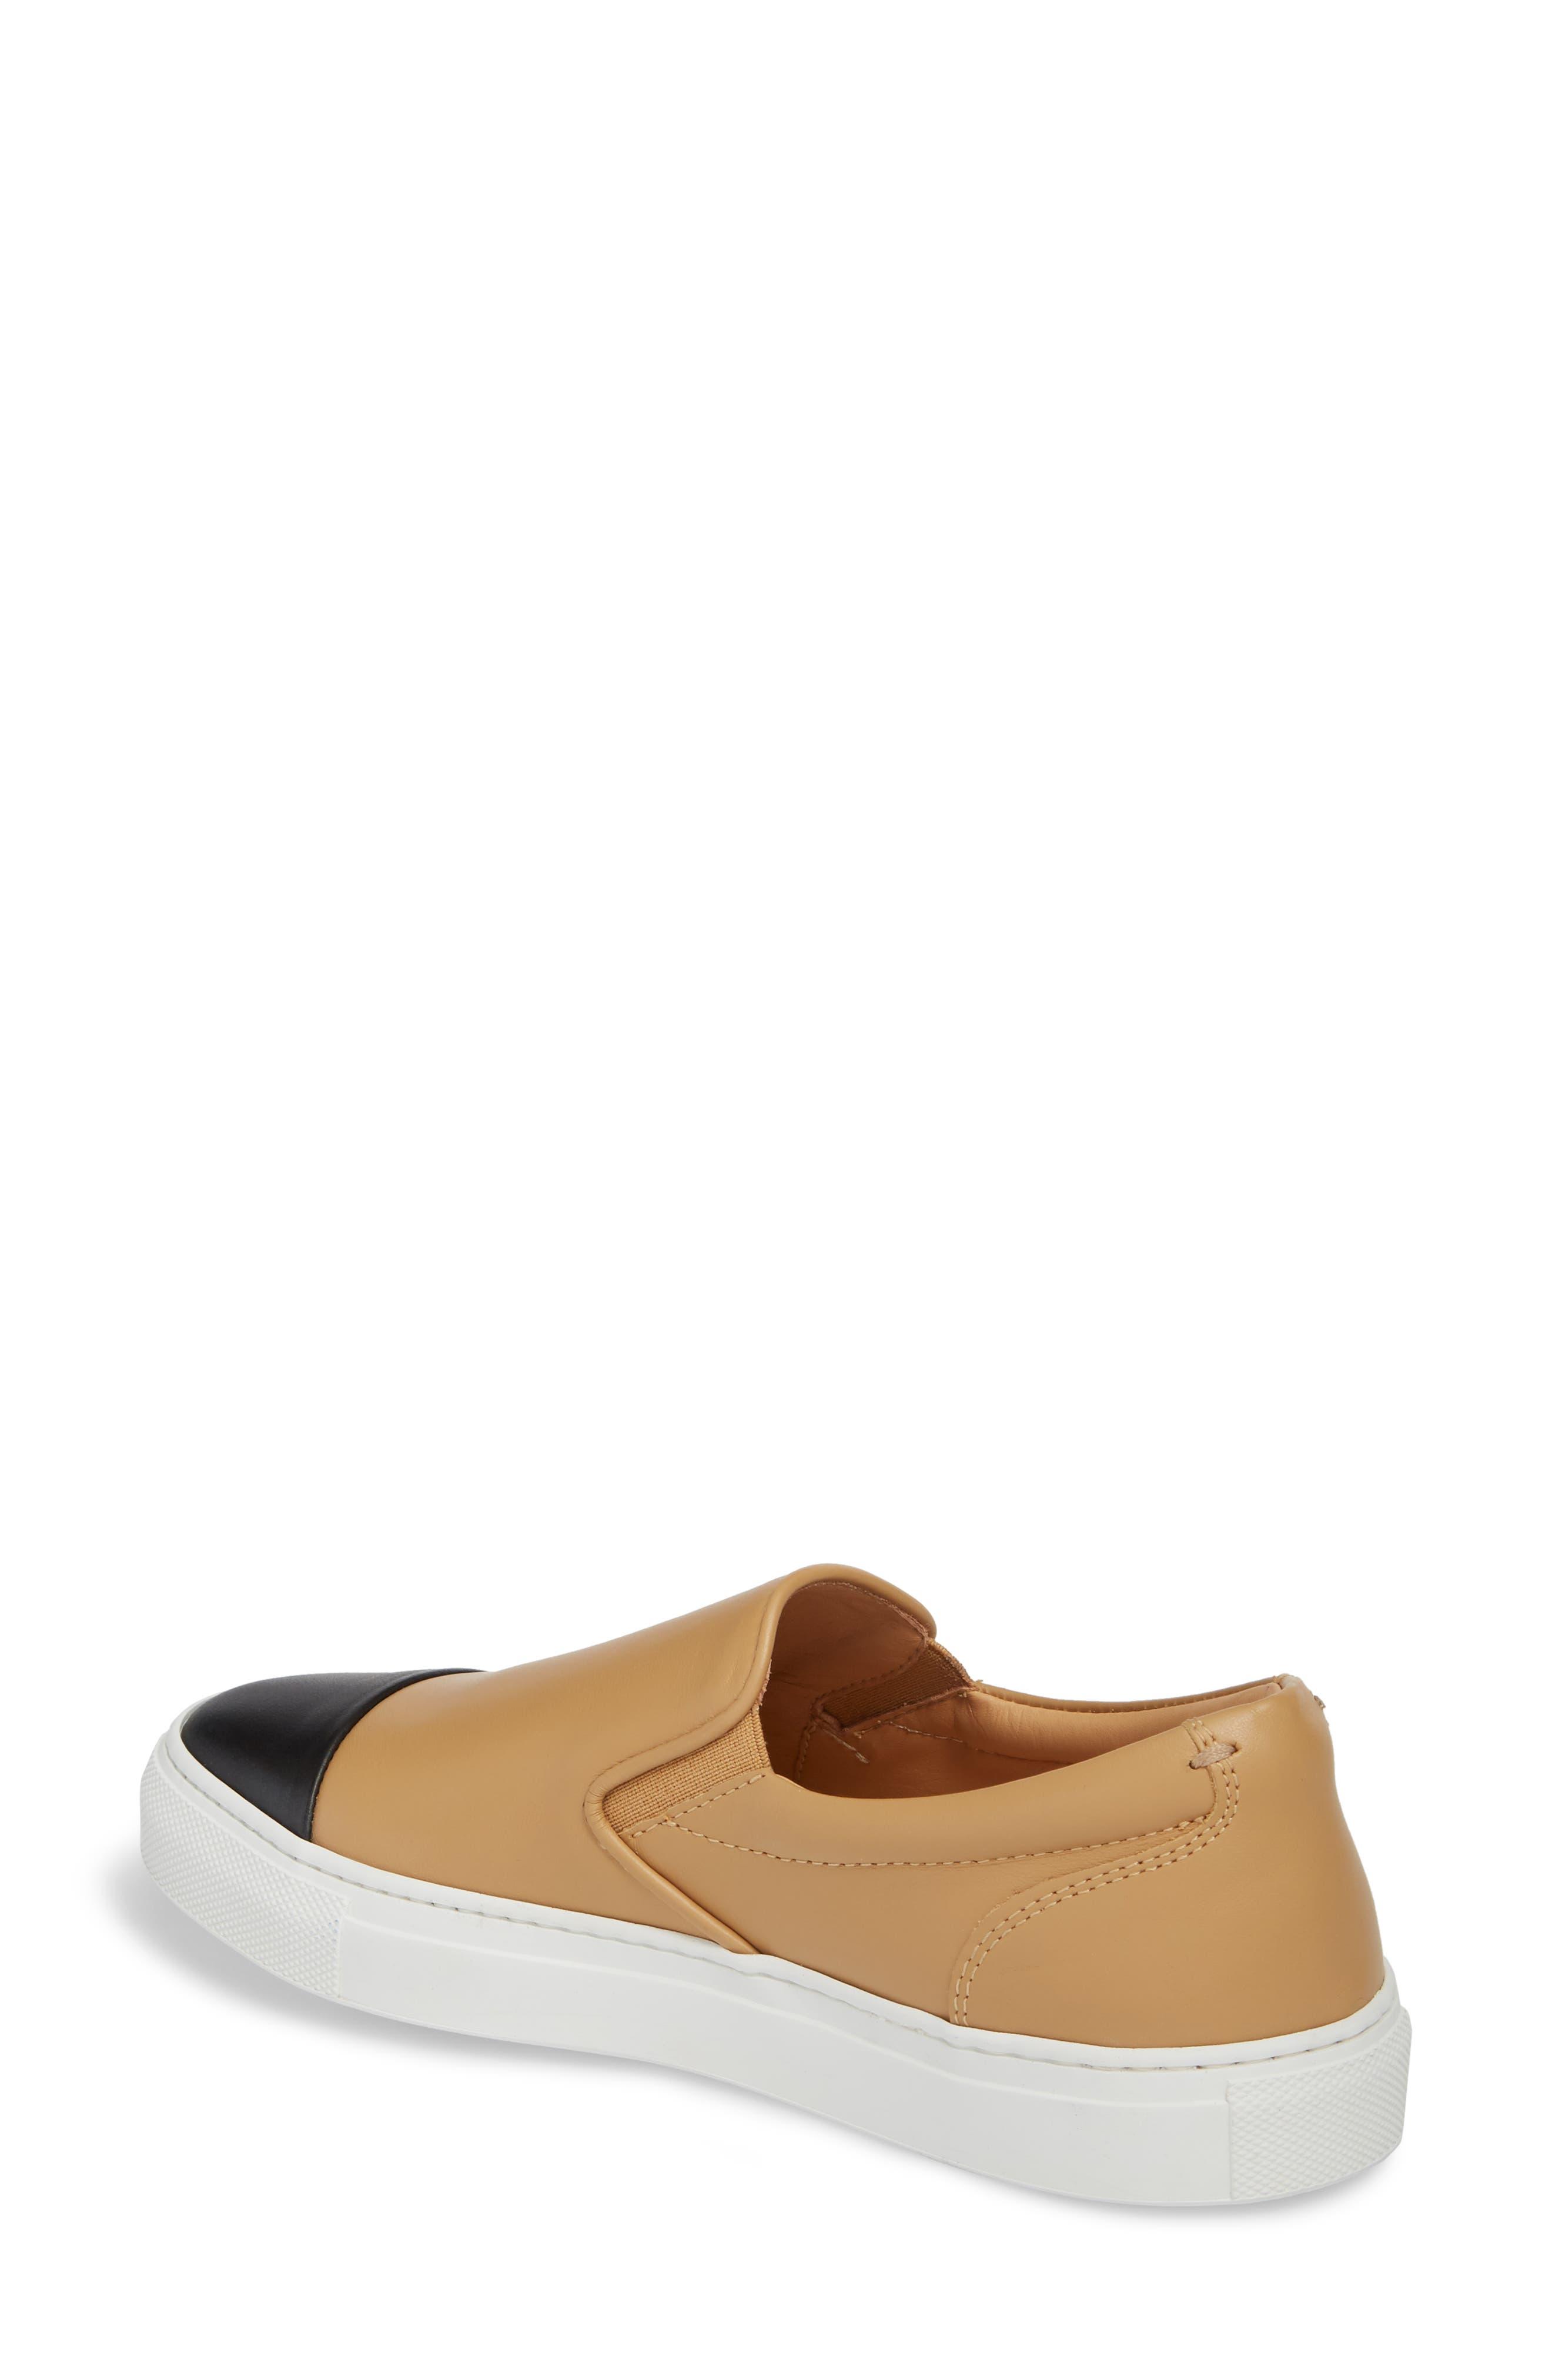 Wooster Cap Toe Slip-On Sneaker,                             Alternate thumbnail 2, color,                             ALMOND